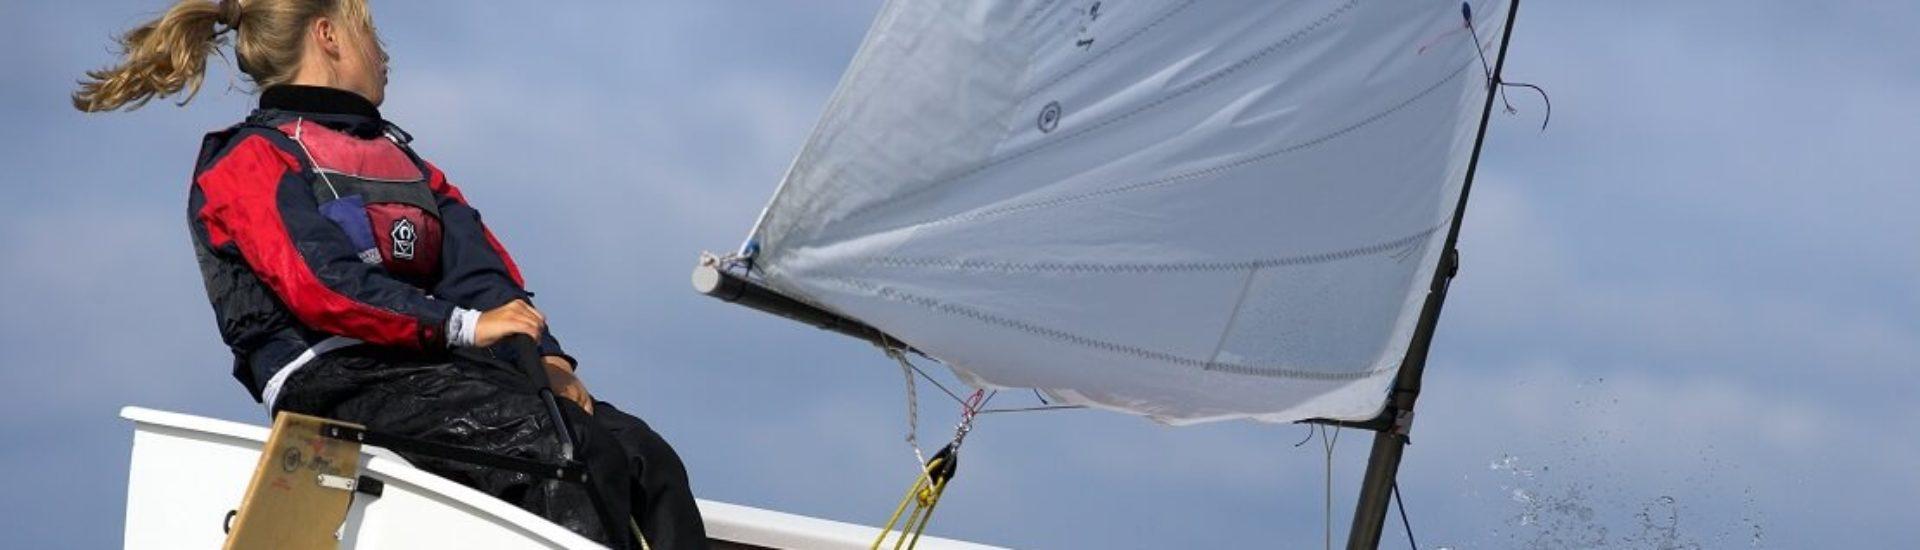 Jugend-Regattasport: OptiKickOff trotz Hygienekonzept abgesagt